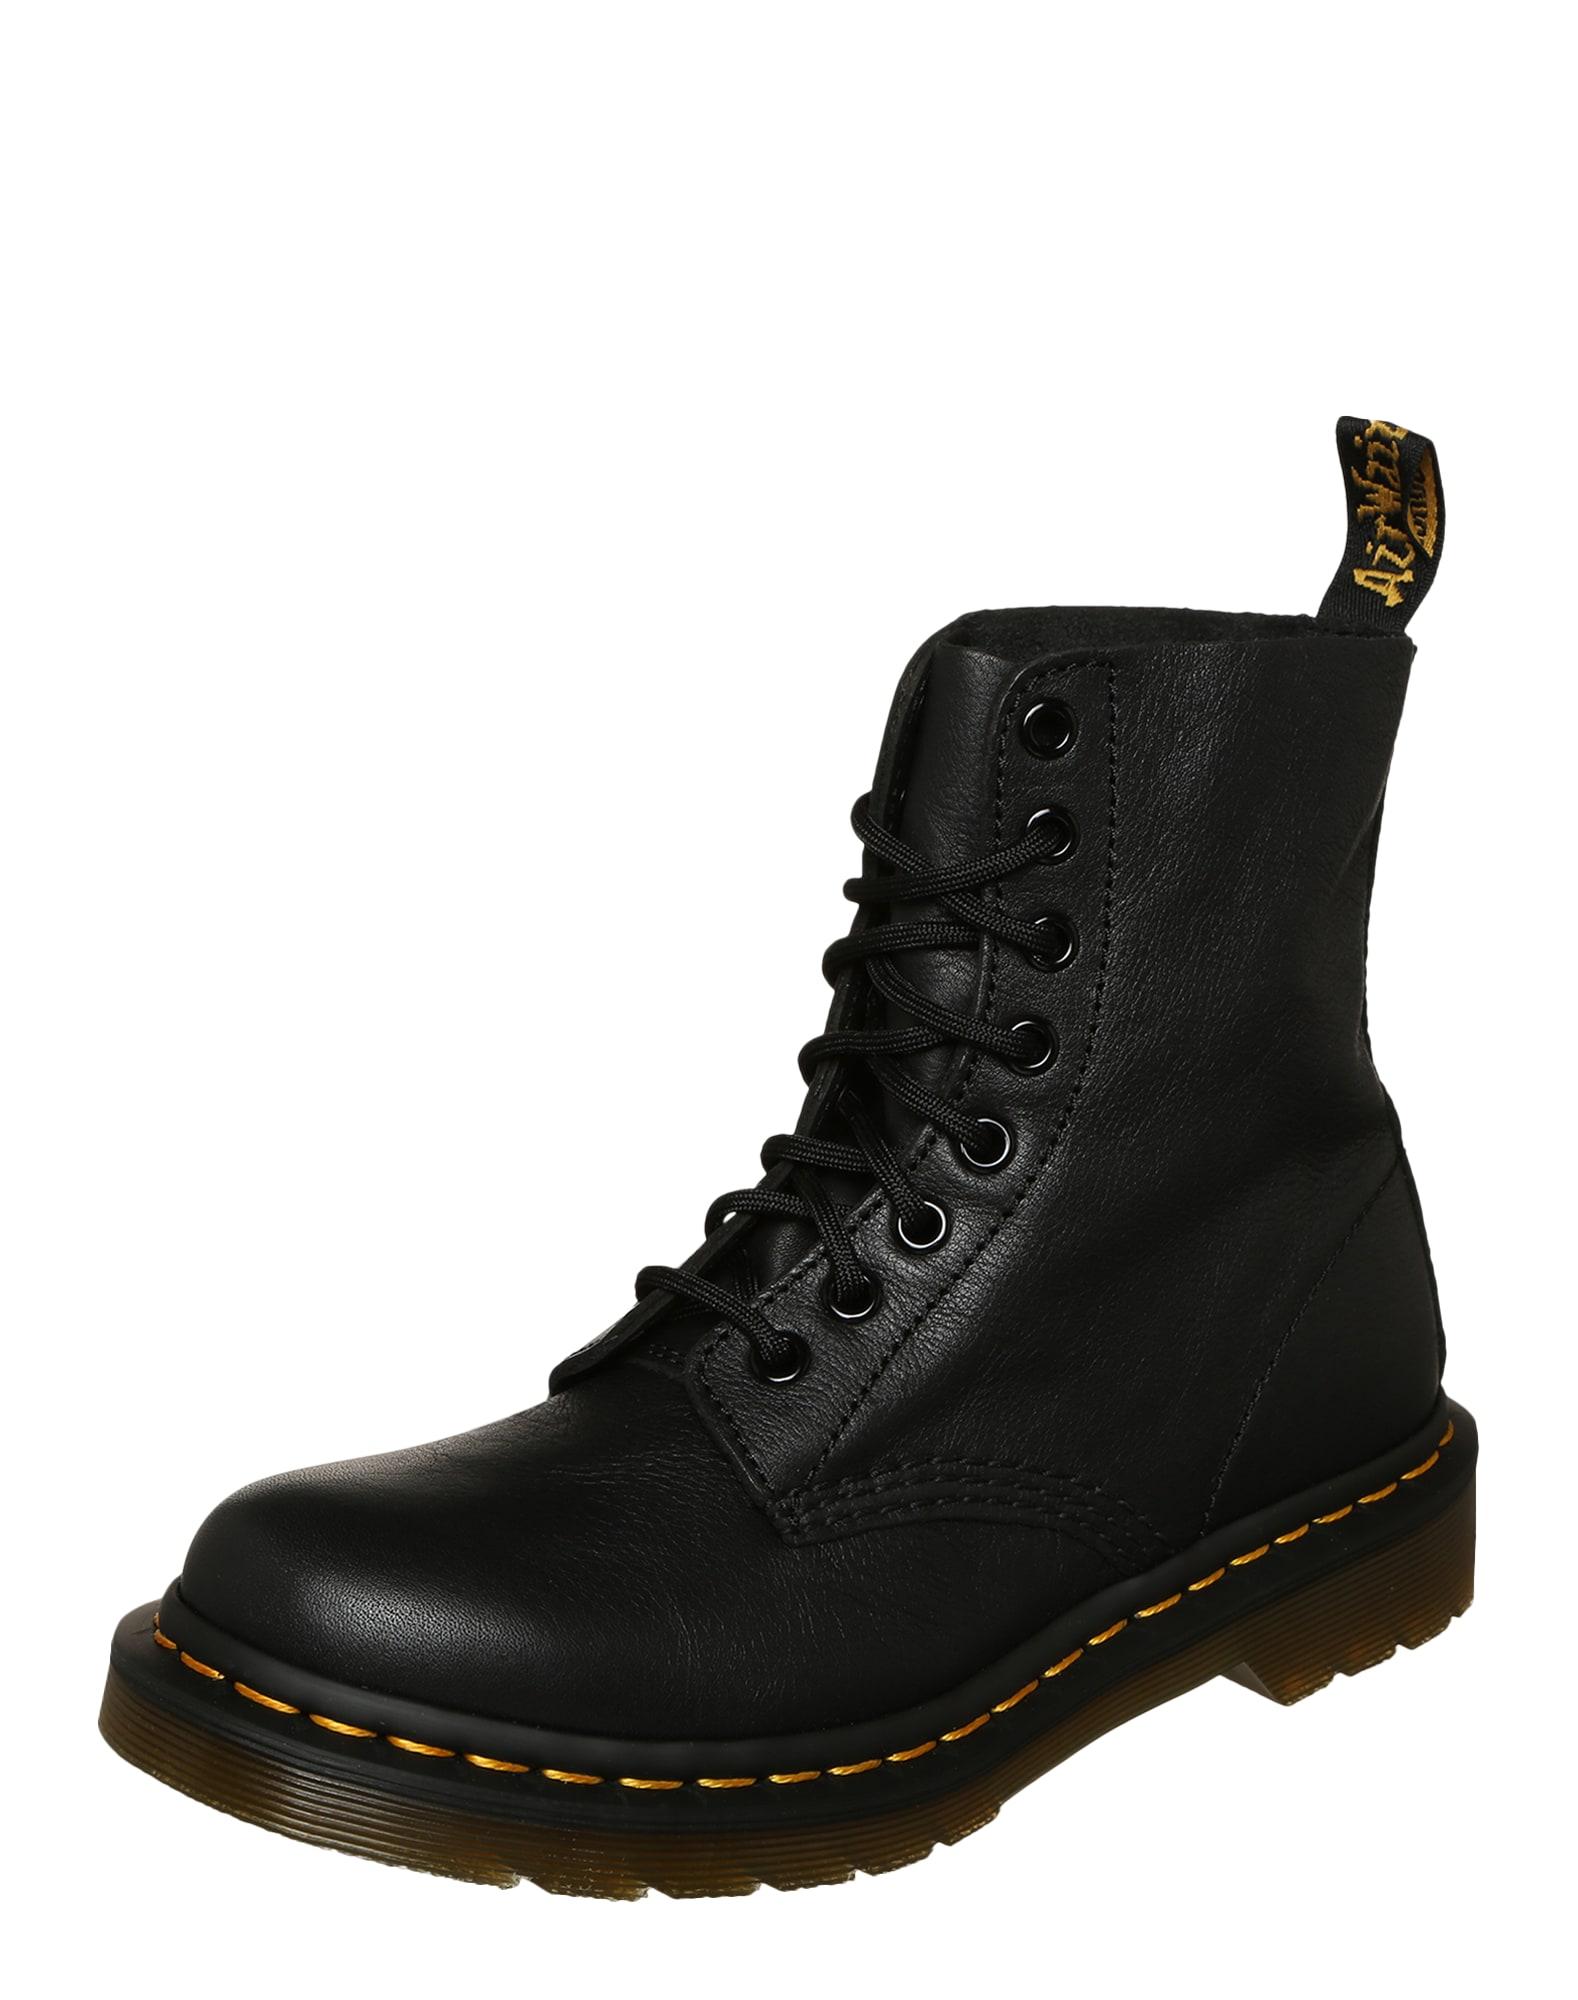 Šněrovací boty Pascal černá Dr. Martens